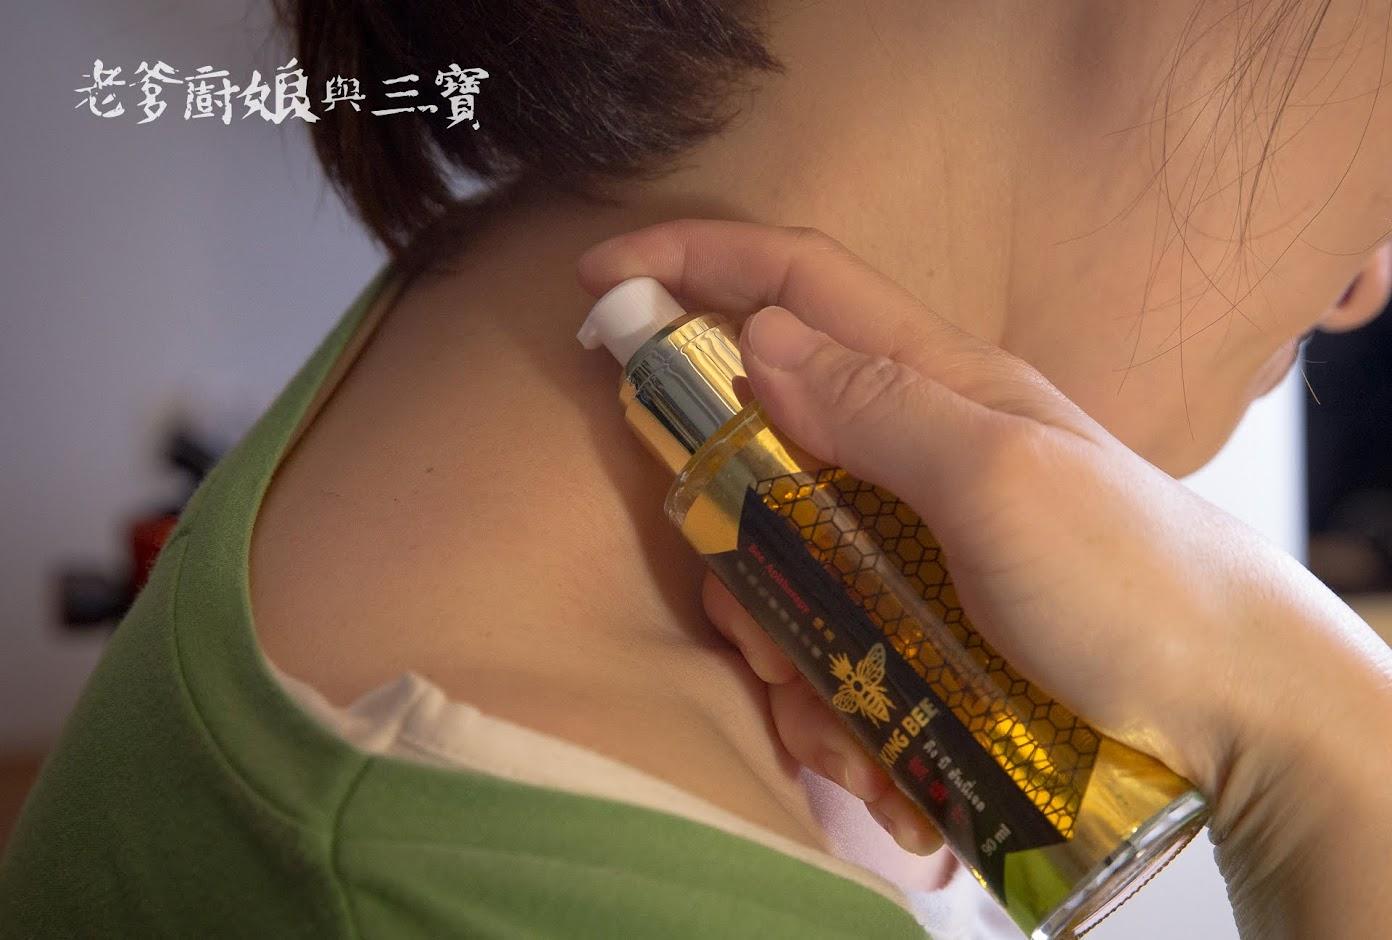 KING BEE女王蜂毒舒緩凝膠...用珍稀的女王蜂毒製作的按摩油,舒緩痠痛讓肌肉不適掰掰!